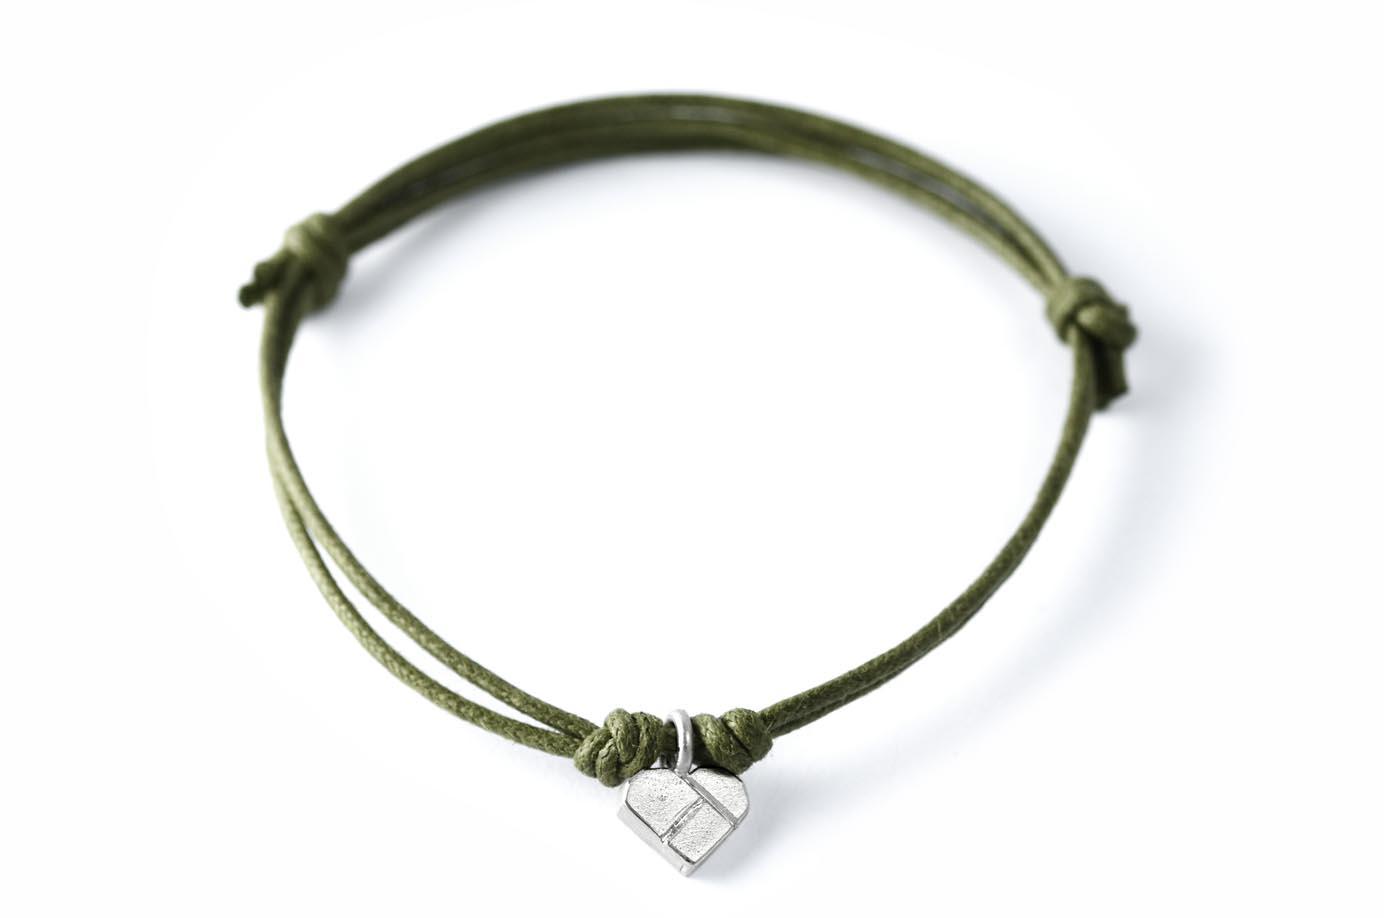 HERZCHEN Tangram Kette oder Armband Silber - 3